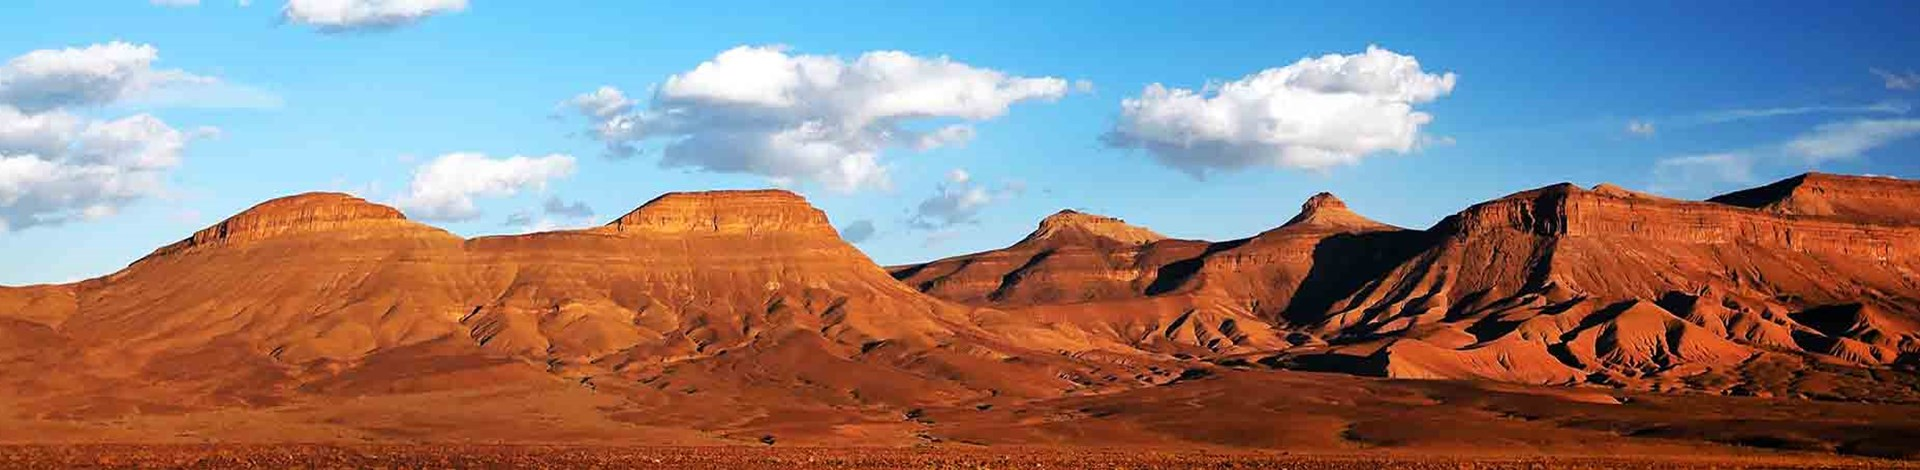 Meknes